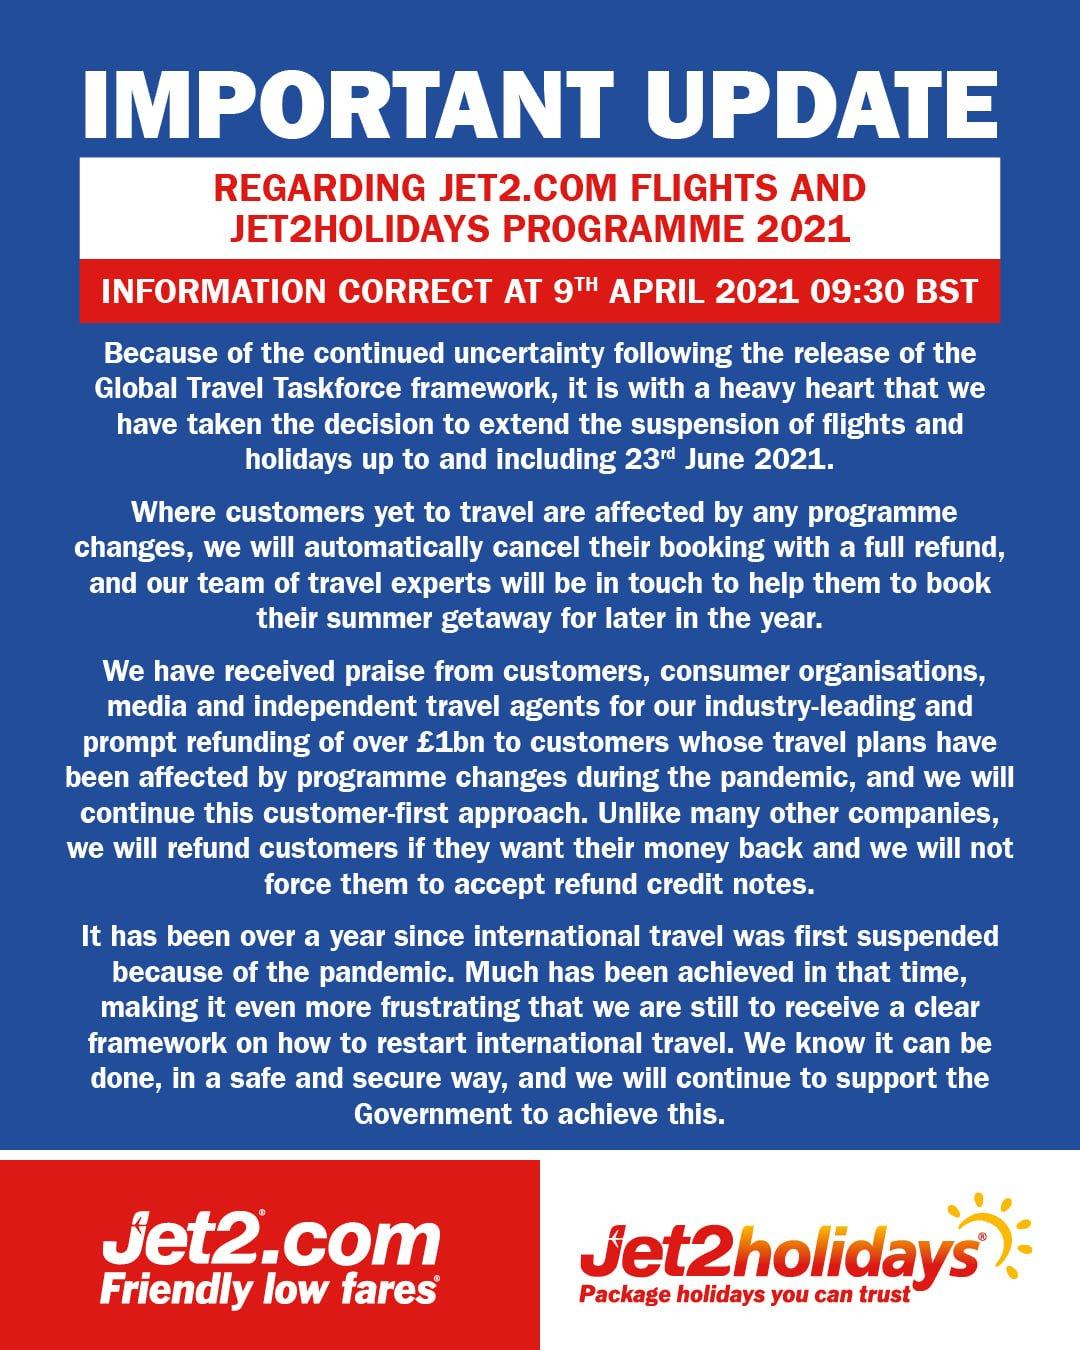 171277979 10158199074955098 3229650530613891730 n 1 Пореден удар: Jet2 анулира всички полети и почивки до края на юни